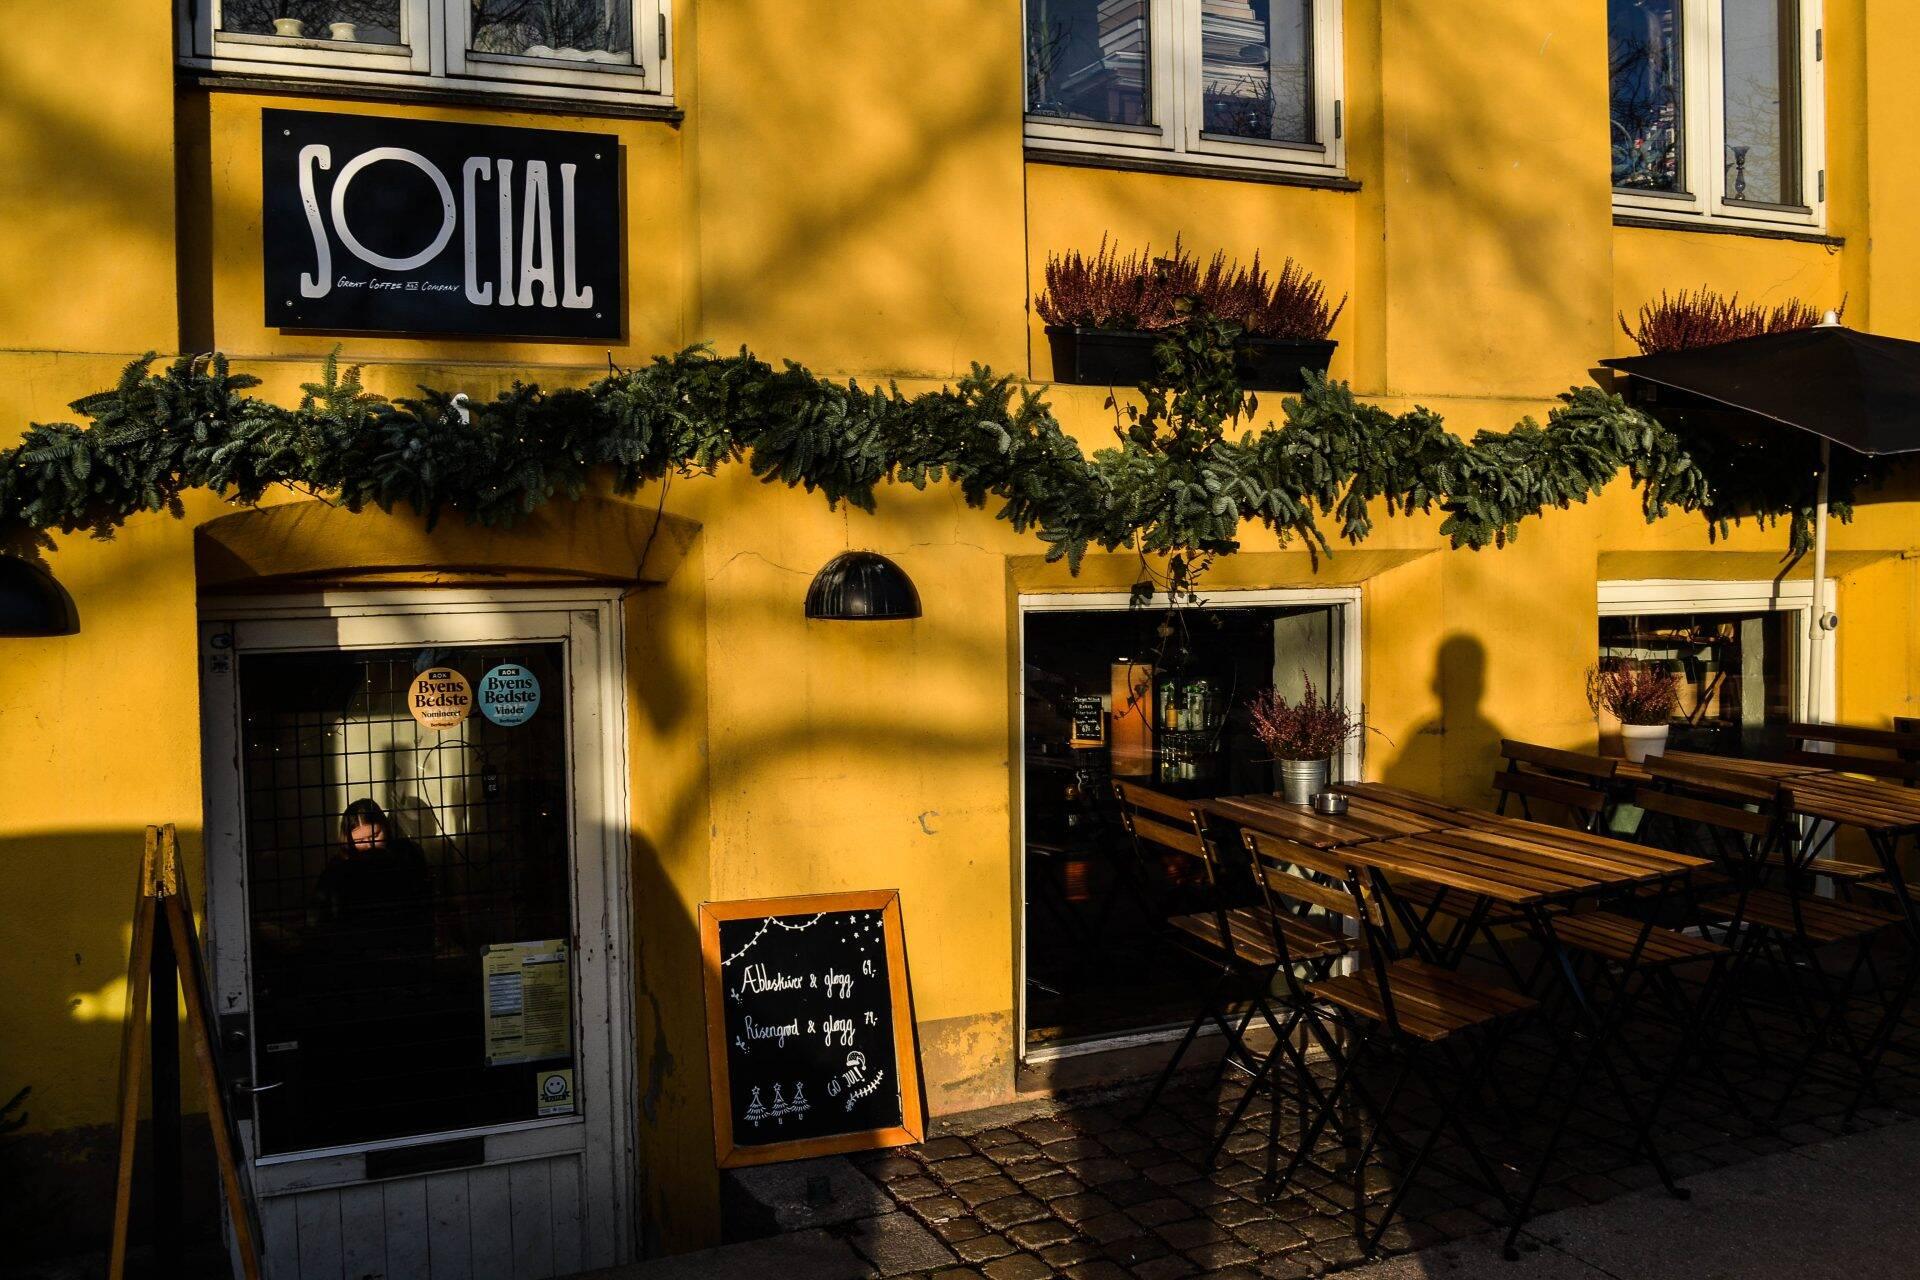 SOCIAL in Kopenhagen